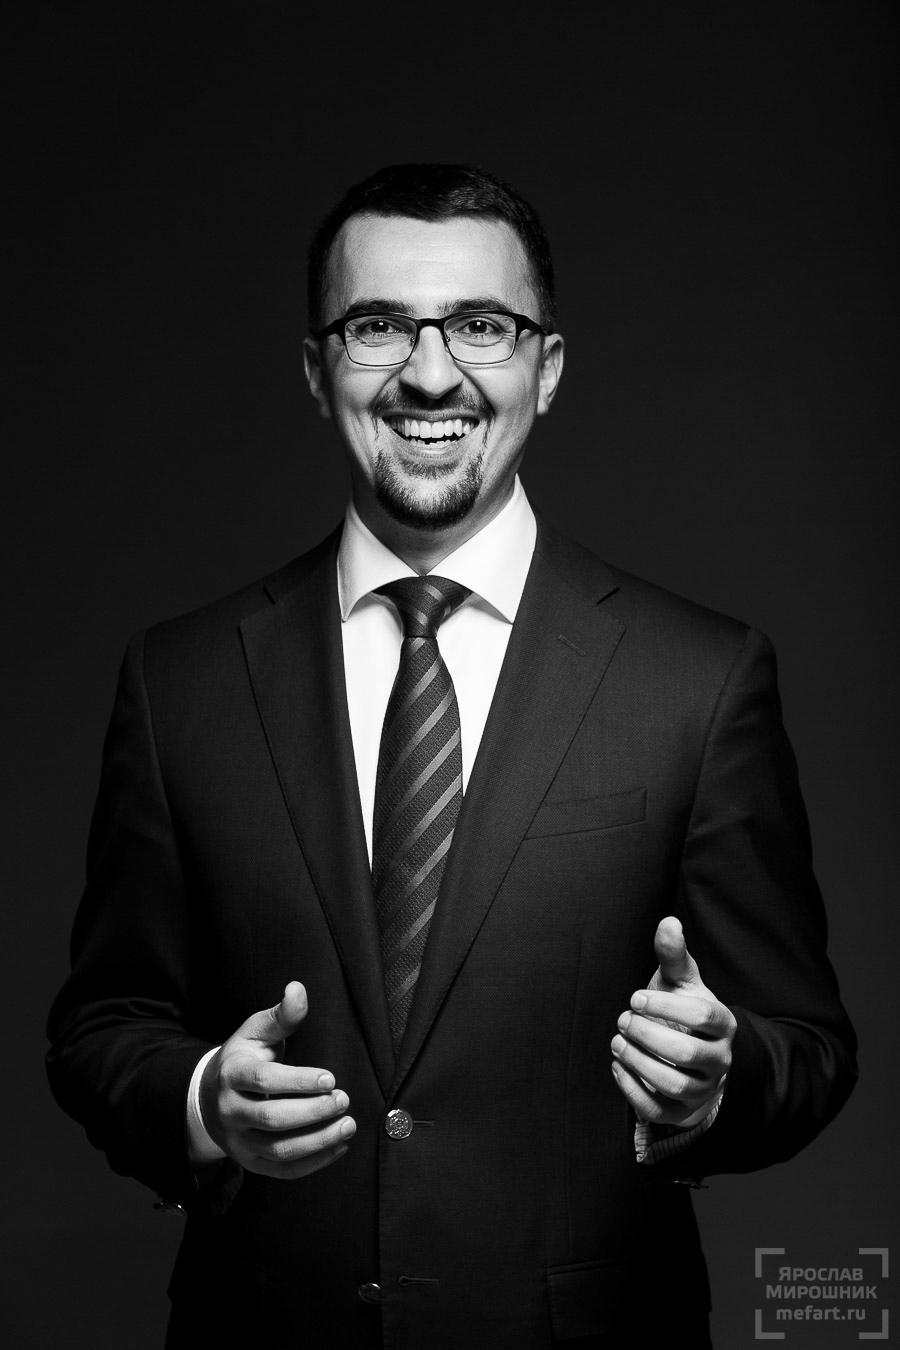 Портрет профессионального коуча консультанта в москве